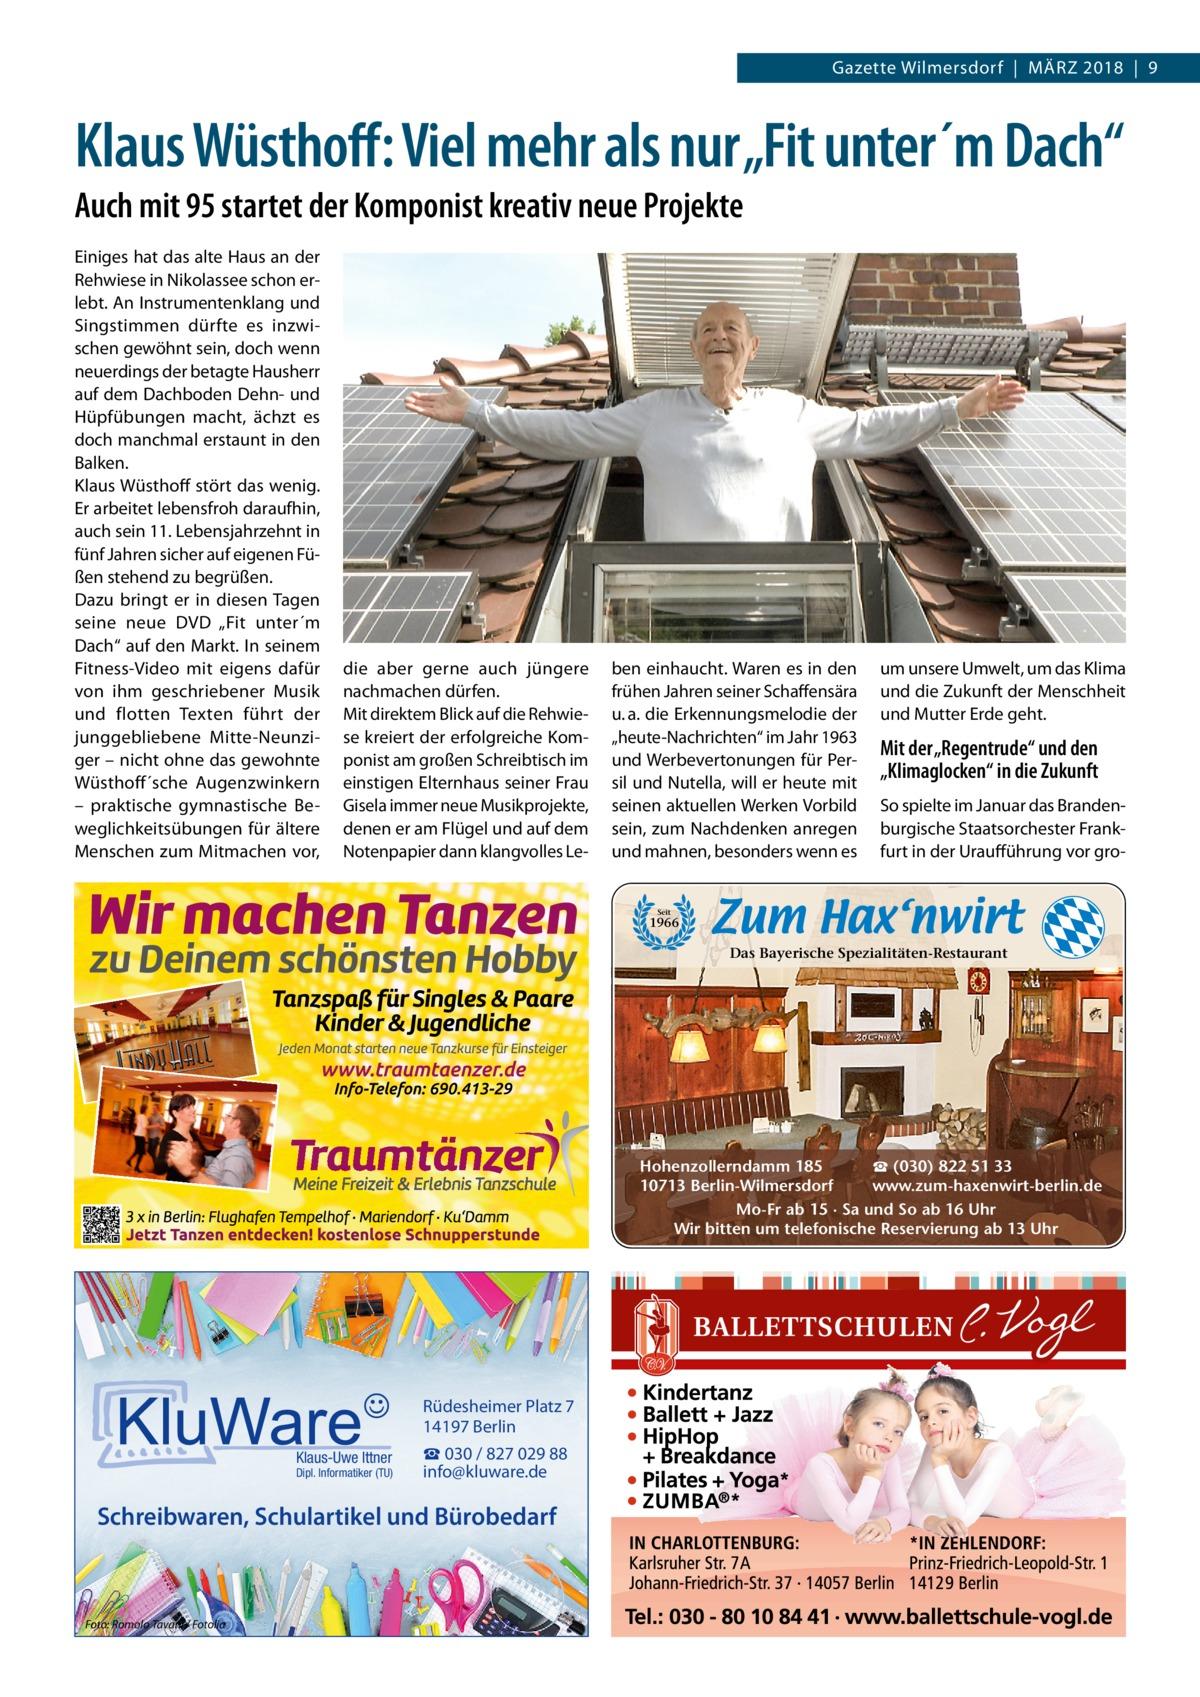 """Gazette Wilmersdorf März 2018 9  Klaus Wüsthoff: Viel mehr als nur """"Fit unter´m Dach"""" Auch mit 95 startet der Komponist kreativ neue Projekte Einiges hat das alte Haus an der Rehwiese in Nikolassee schon erlebt. An Instrumentenklang und Singstimmen dürfte es inzwischen gewöhnt sein, doch wenn neuerdings der betagte Hausherr auf dem Dachboden Dehn- und Hüpfübungen macht, ächzt es doch manchmal erstaunt in den Balken. Klaus Wüsthoff stört das wenig. Er arbeitet lebensfroh daraufhin, auch sein 11. Lebensjahrzehnt in fünf Jahren sicher auf eigenen Füßen stehend zu begrüßen. Dazu bringt er in diesen Tagen seine neue DVD """"Fit unter´m Dach"""" auf den Markt. In seinem Fitness-Video mit eigens dafür von ihm geschriebener Musik und flotten Texten führt der junggebliebene Mitte-Neunziger – nicht ohne das gewohnte Wüsthoff´sche Augenzwinkern – praktische gymnastische Beweglichkeitsübungen für ältere Menschen zum Mitmachen vor,  die aber gerne auch jüngere nachmachen dürfen. Mit direktem Blick auf die Rehwiese kreiert der erfolgreiche Komponist am großen Schreibtisch im einstigen Elternhaus seiner Frau Gisela immer neue Musikprojekte, denen er am Flügel und auf dem Notenpapier dann klangvolles Le ben einhaucht. Waren es in den frühen Jahren seiner Schaffensära u.a. die Erkennungsmelodie der """"heute-Nachrichten"""" im Jahr 1963 und Werbevertonungen für Persil und Nutella, will er heute mit seinen aktuellen Werken Vorbild sein, zum Nachdenken anregen und mahnen, besonders wenn es  um unsere Umwelt, um das Klima und die Zukunft der Menschheit und Mutter Erde geht.  Mit der """"Regentrude"""" und den """"Klimaglocken"""" in die Zukunft So spielte im Januar das Brandenburgische Staatsorchester Frankfurt in der Uraufführung vor gro Seit  1966  Das Bayerische Spezialitäten-Restaurant  ☎ (030) 822 51 33 Hohenzollerndamm 185 www.zum-haxenwirt-berlin.de 10713 Berlin-Wilmersdorf Mo-Fr ab 15 · Sa und So ab 16 Uhr Wir bitten um telefonische Reservierung ab 13 Uhr  Rüdesheimer Platz 7 14197 Berlin Klaus-Uwe It"""